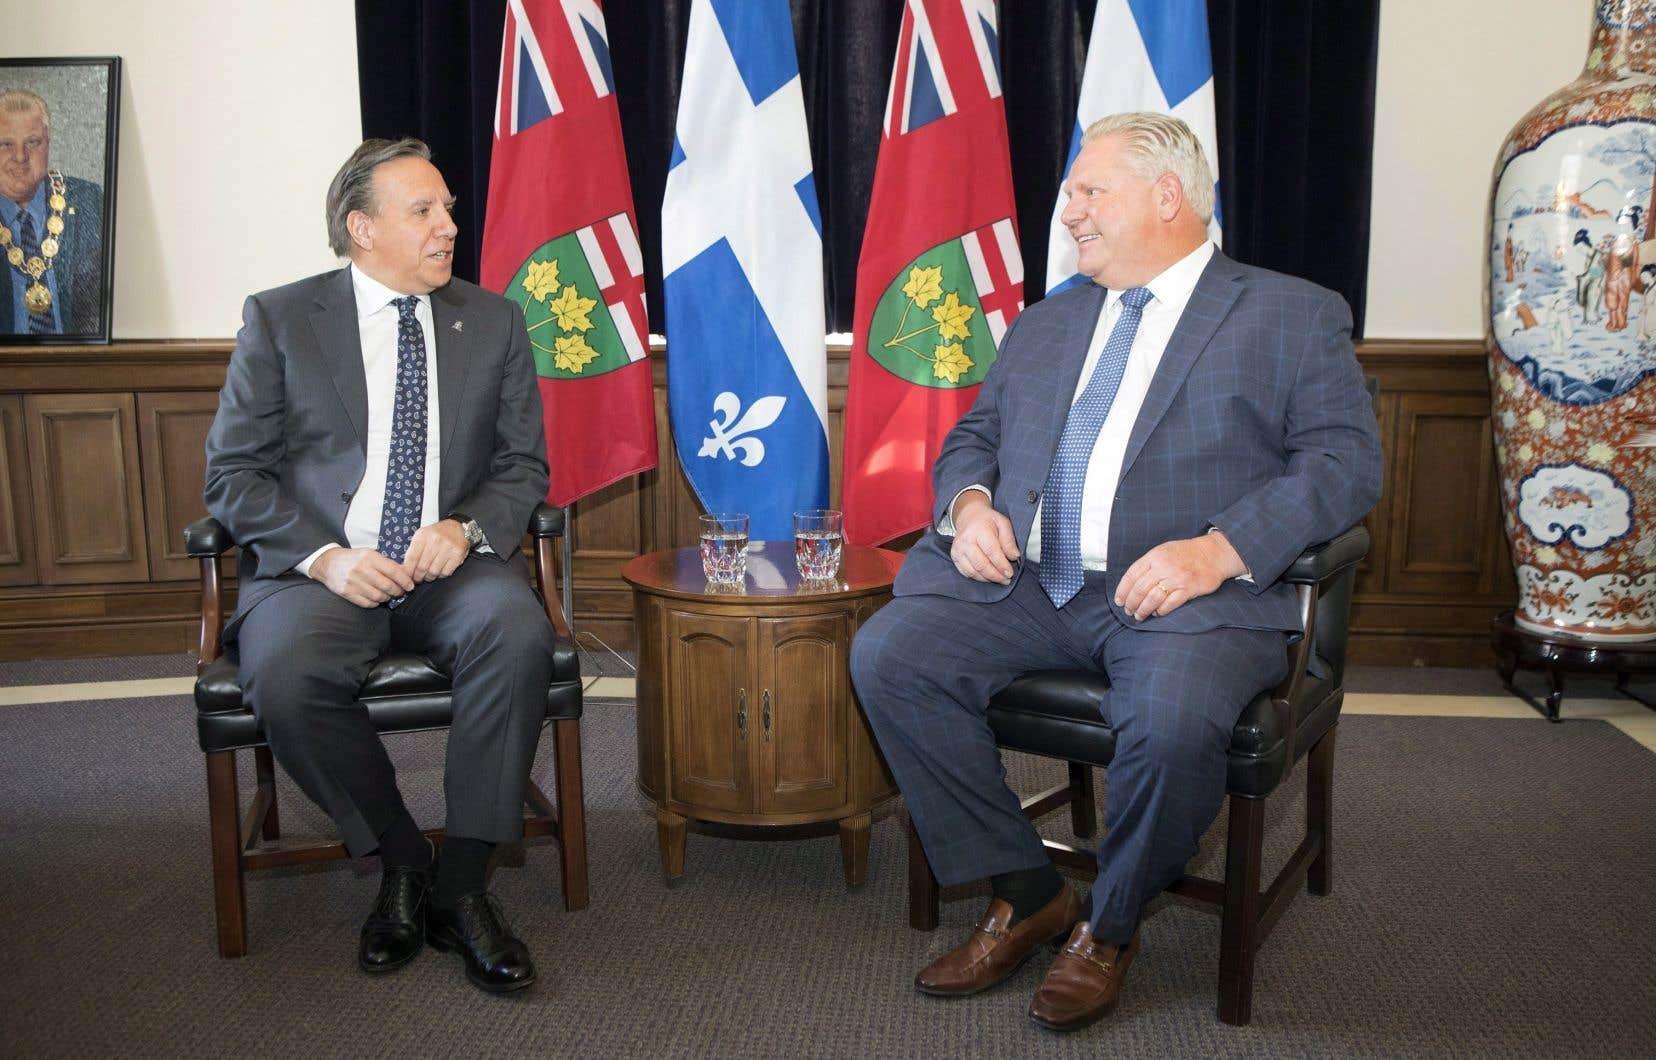 Les premiers ministres québécois et ontarien, François Legault et Doug Ford, dirigeront le sommet qui aura lieu mardi et mercredi.